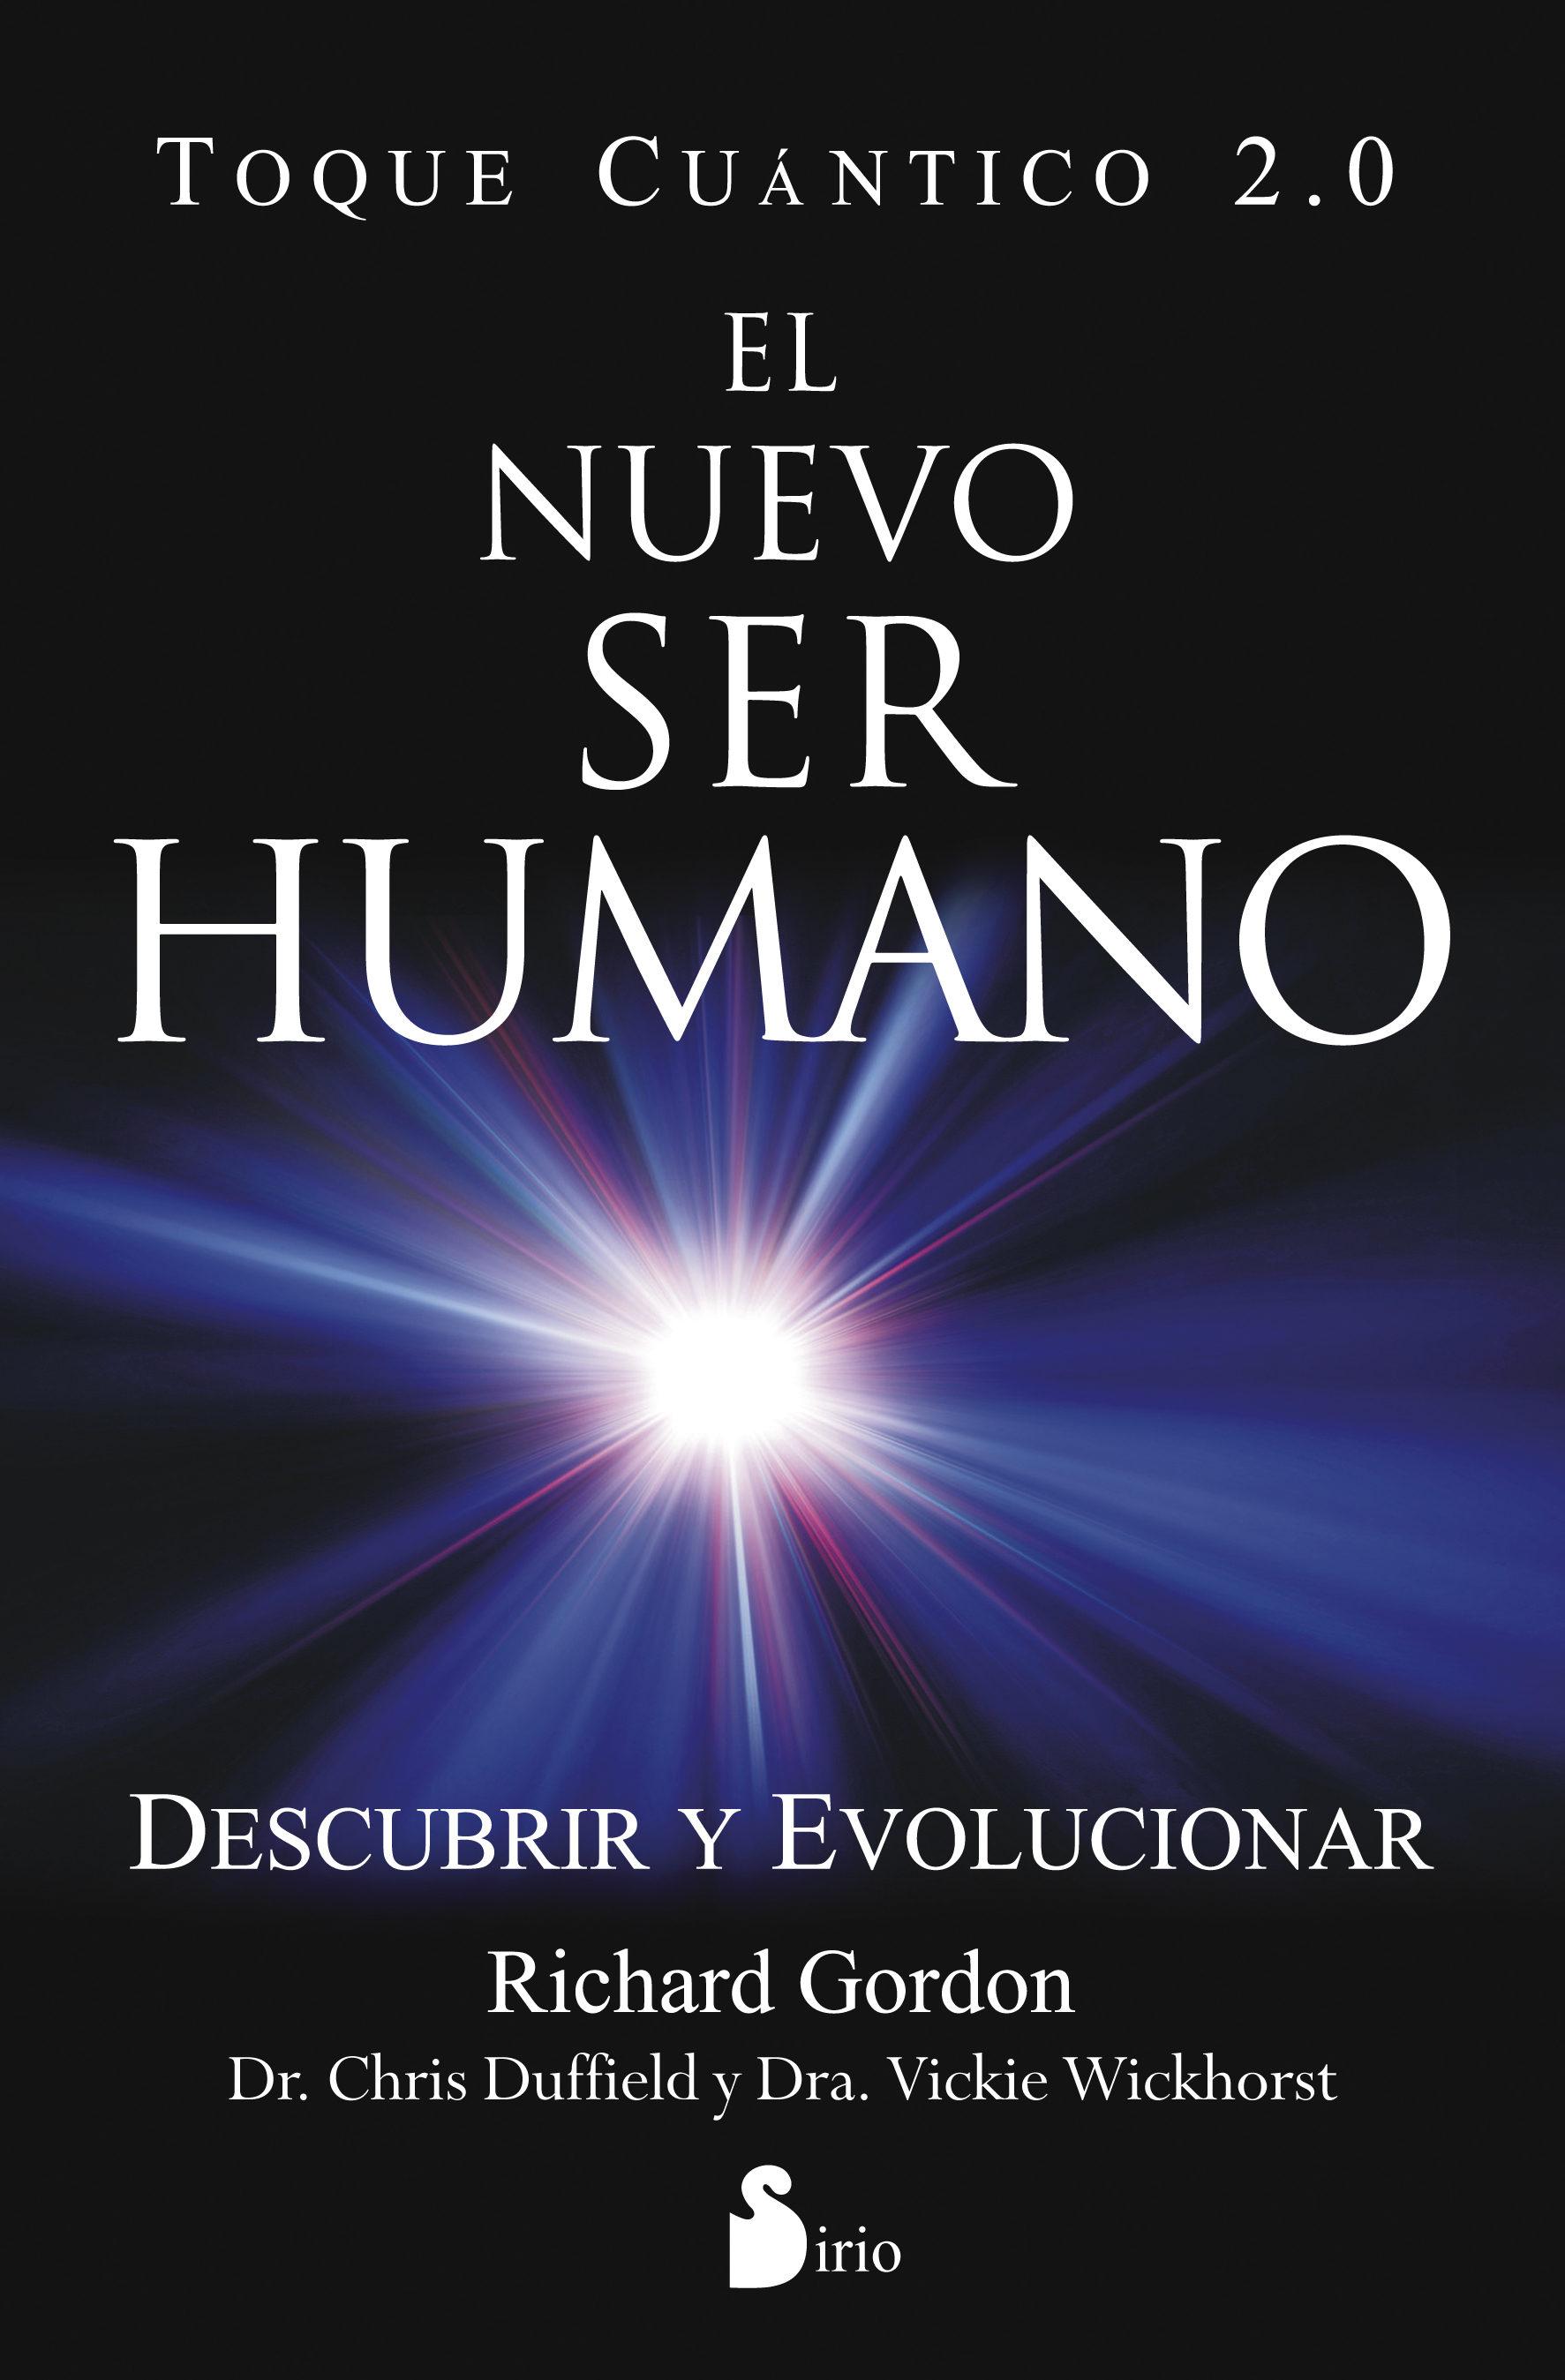 El nuevo ser humano: toque cuántico 2.0; richard gordon